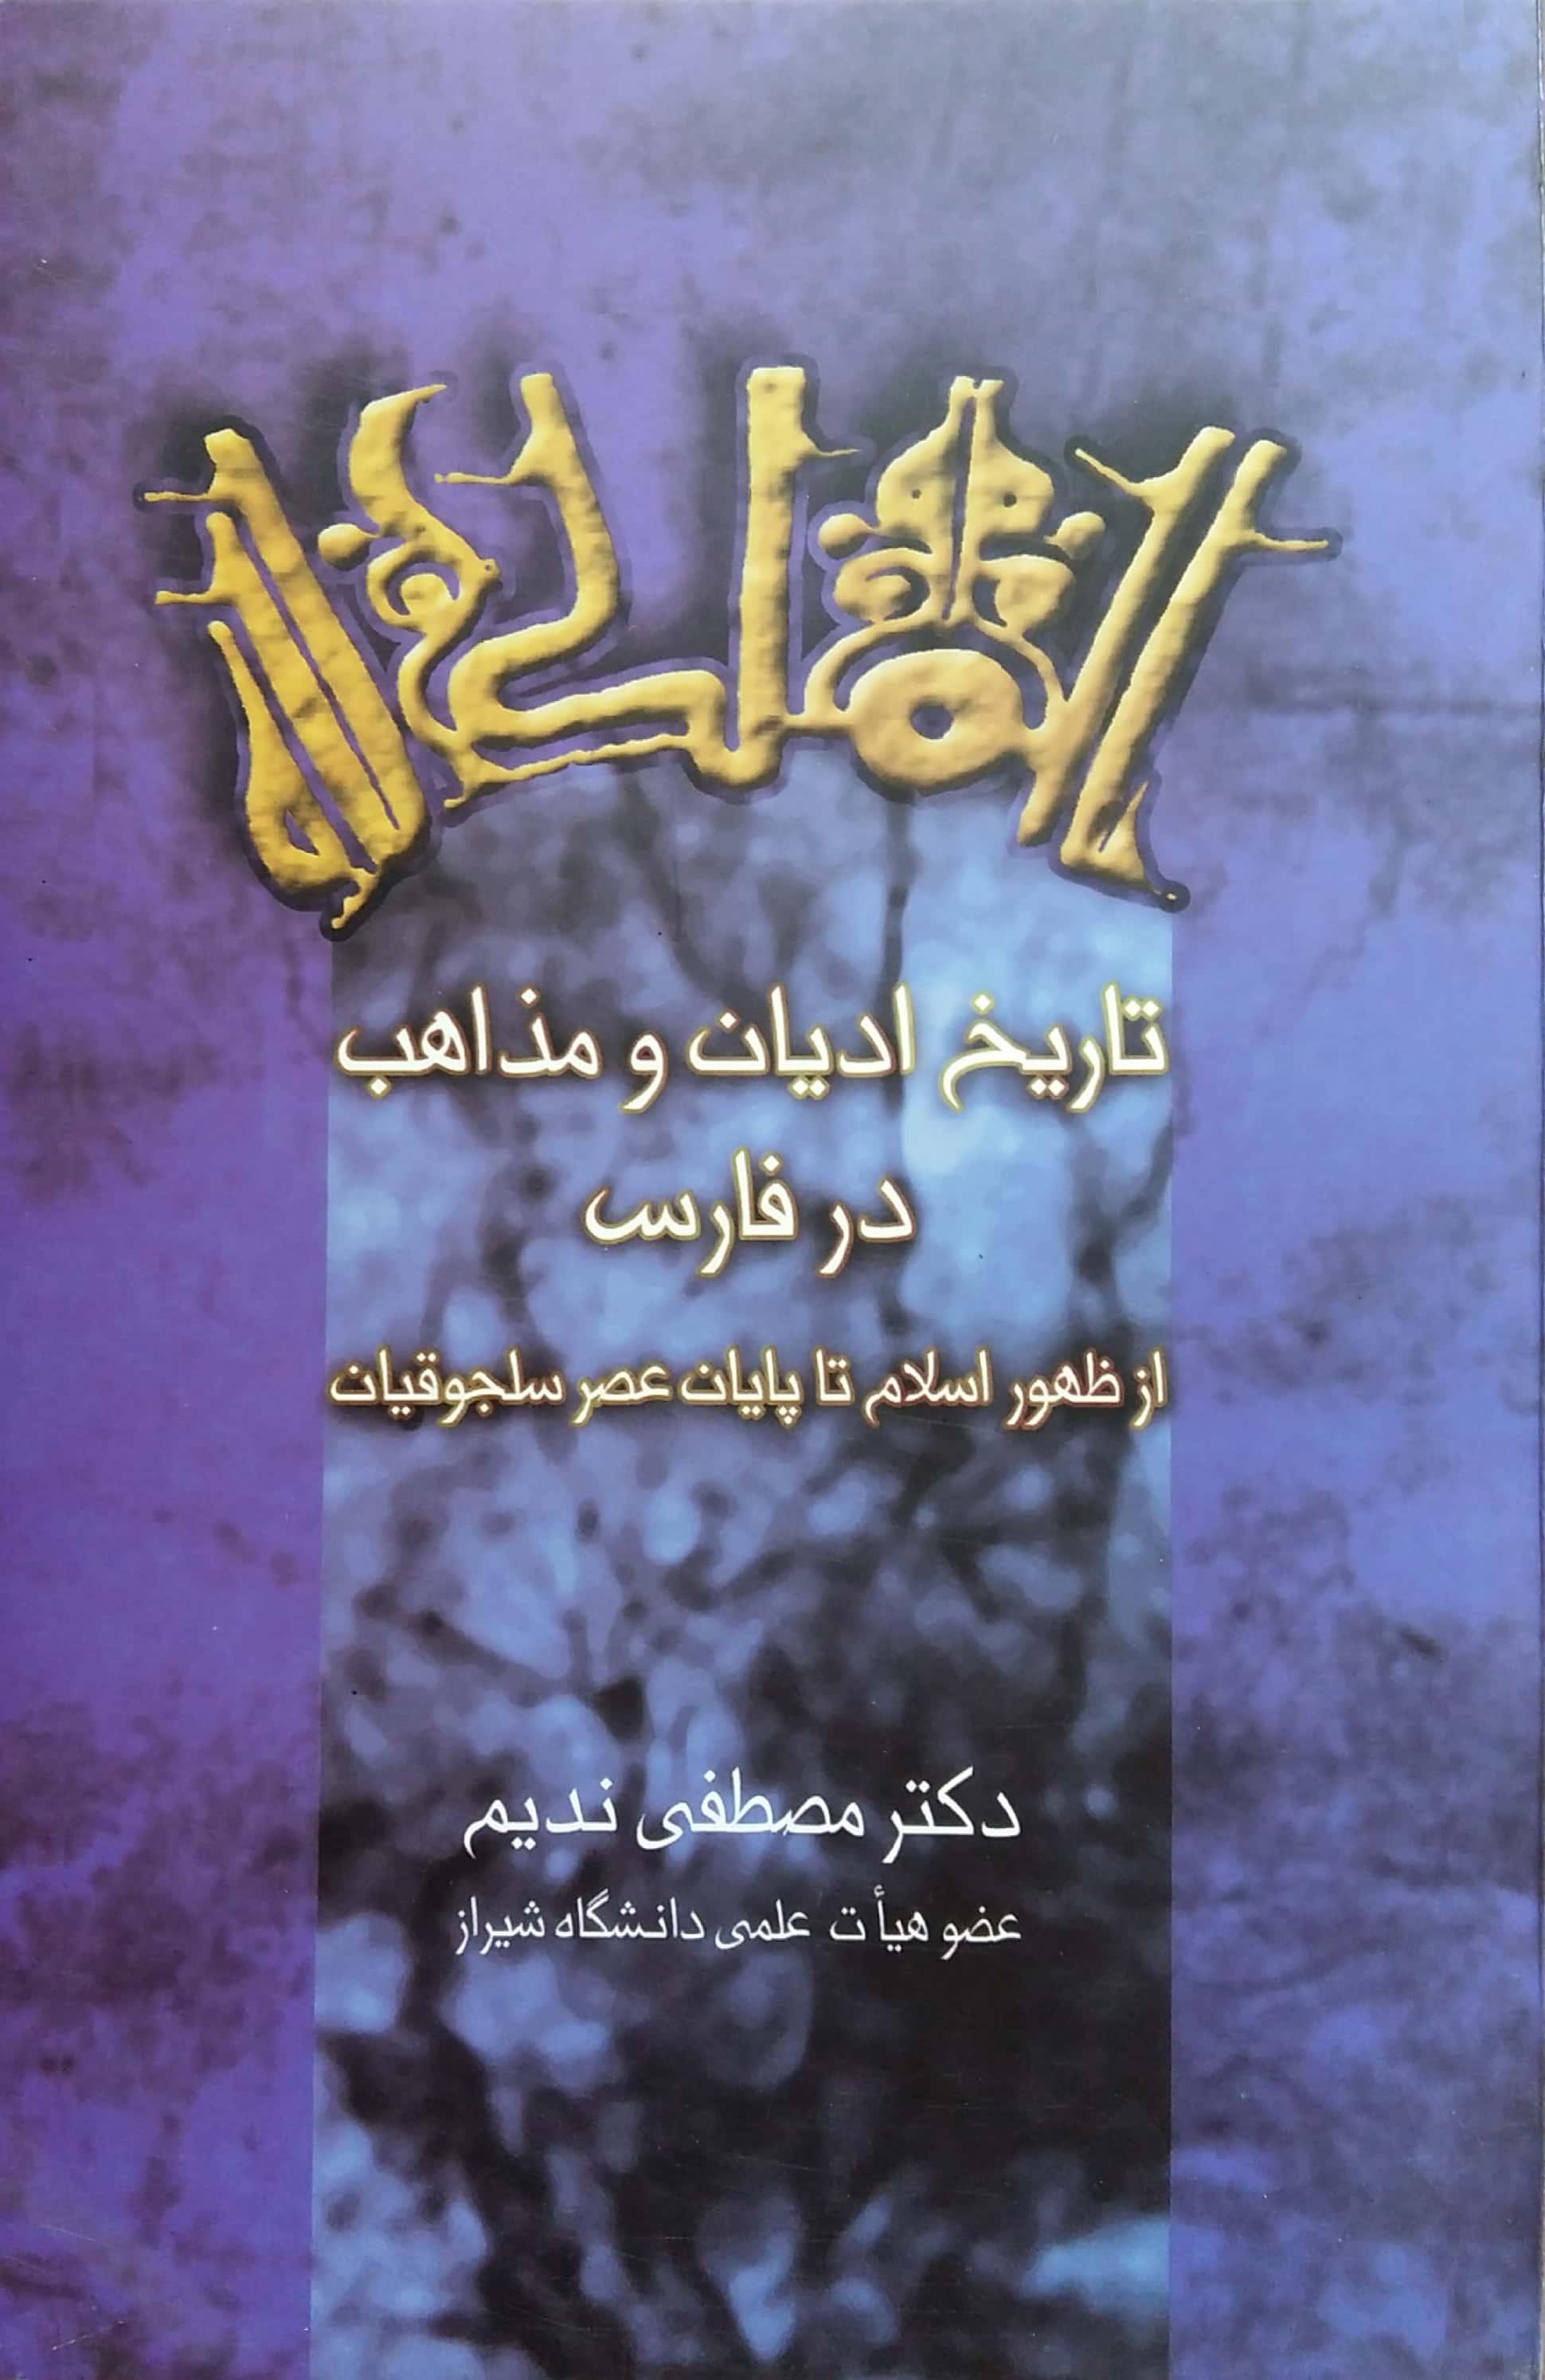 تاریخ ادیان و مذاهب در فارس از ظهور اسلام تا پایان عصر سلجوقیان (مولف دکتر مصطفی ندیم)